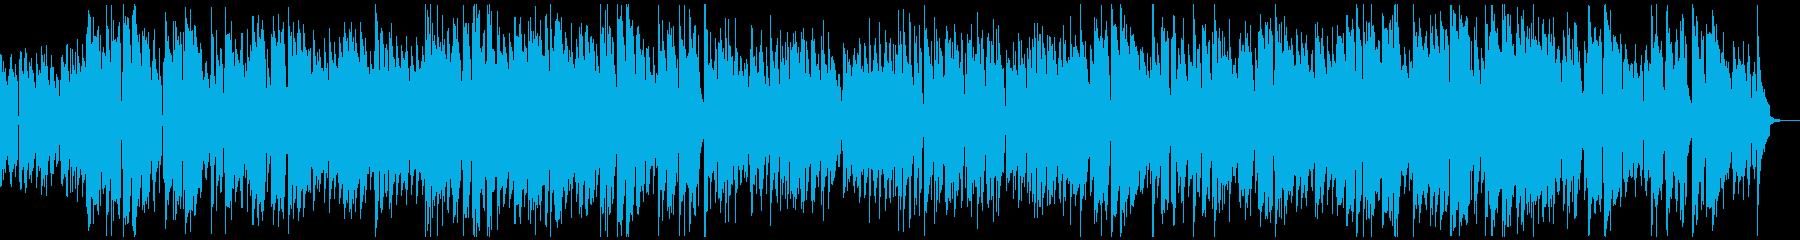 エレキギターによるほのぼのジャズの再生済みの波形